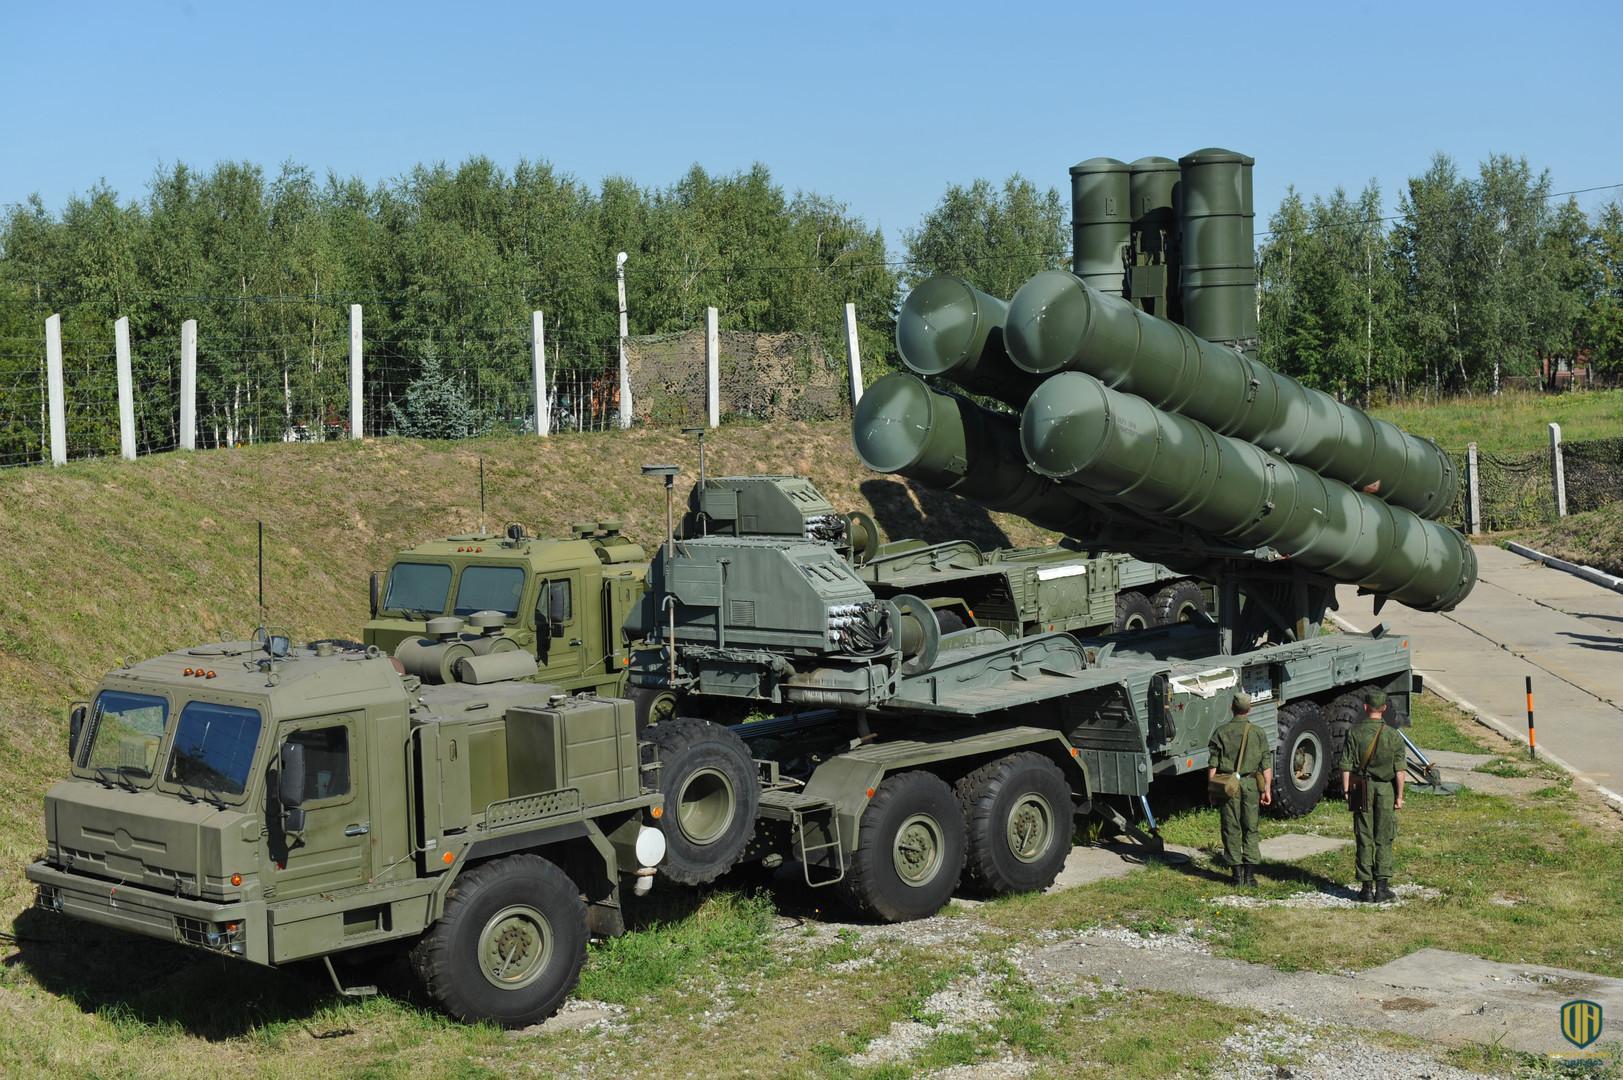 أنظمة الصواريخ المضادة للطائرات إس 400